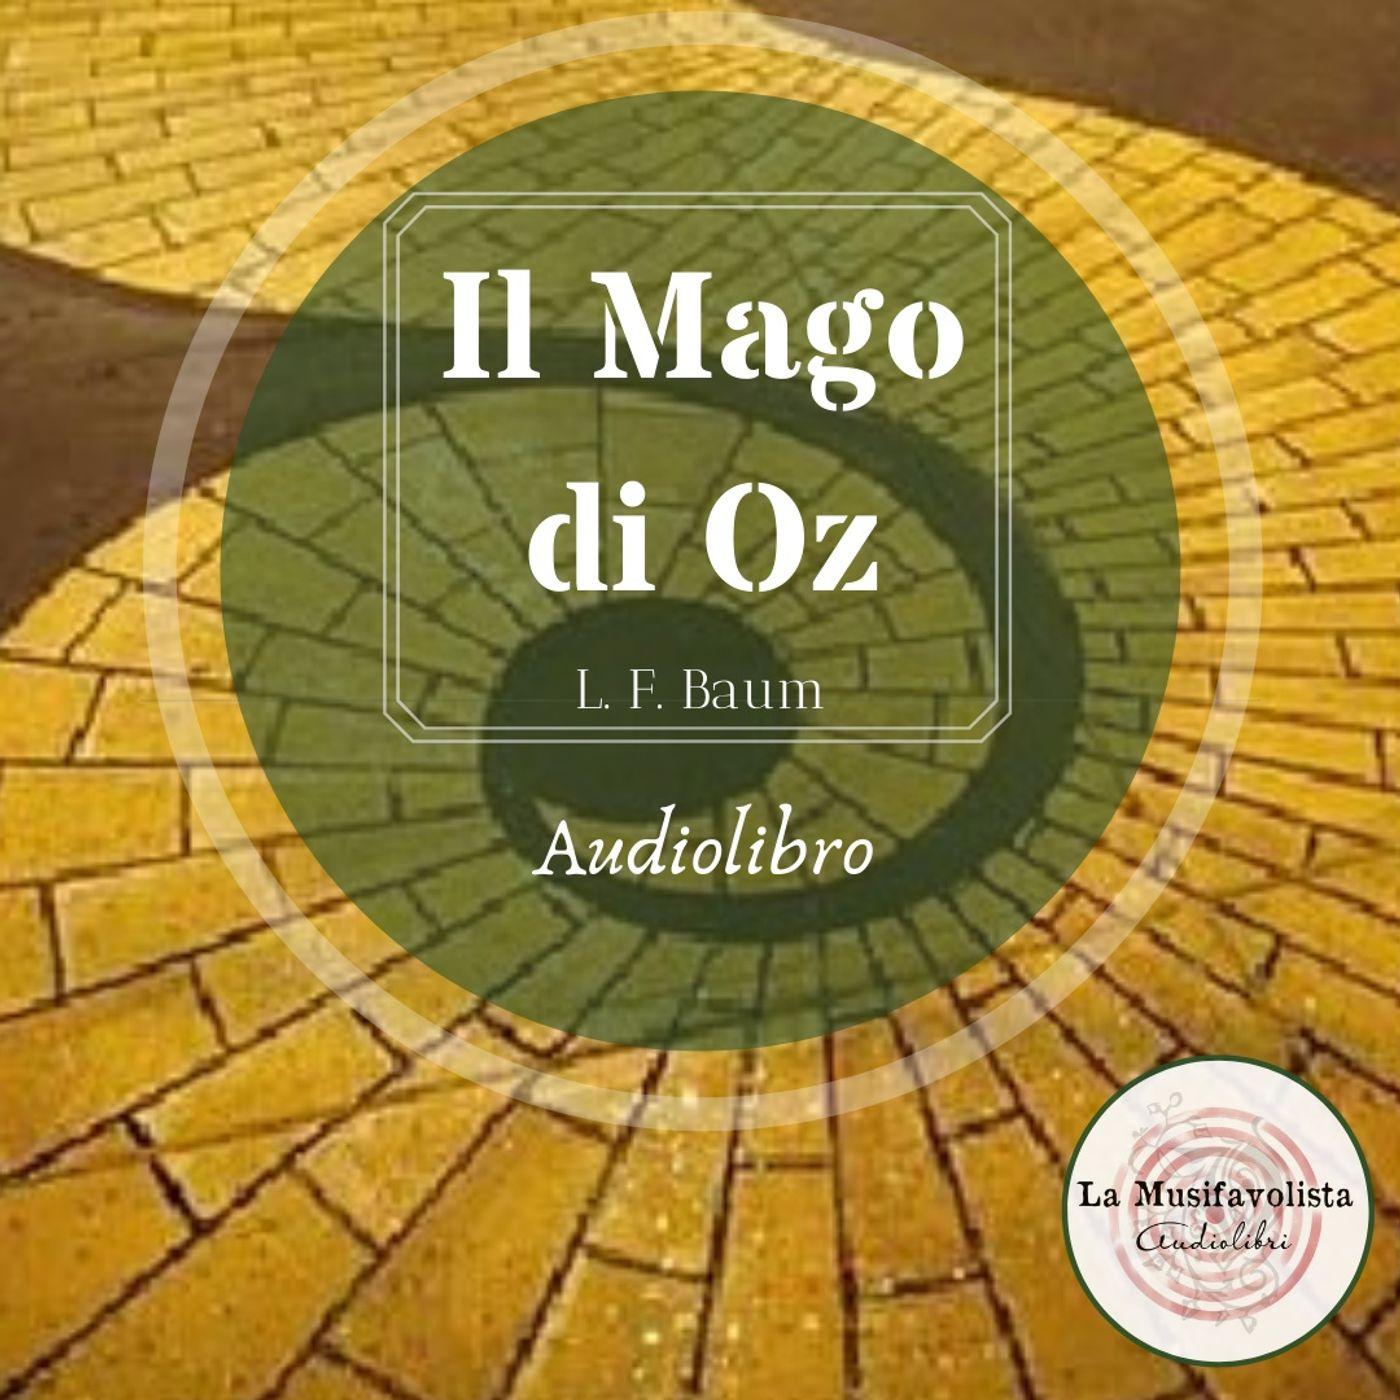 ★ Il Mago di Oz★ Audiolibro A BASSA VOCE ★